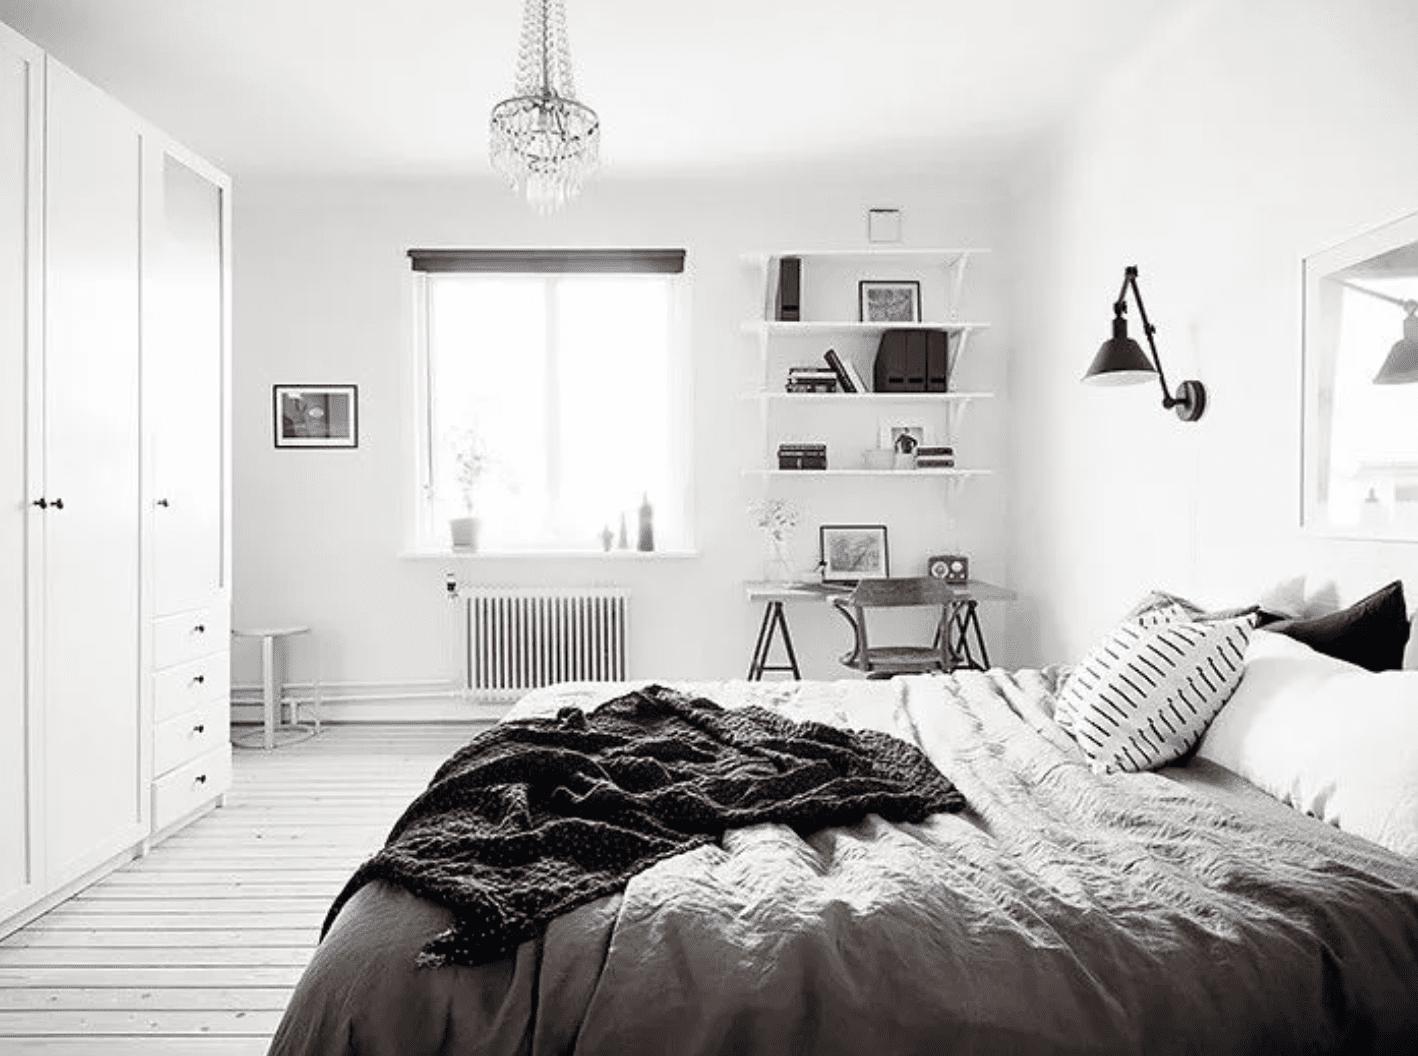 Elisabeth Heier; Design: Jonas Berg for Stadshem